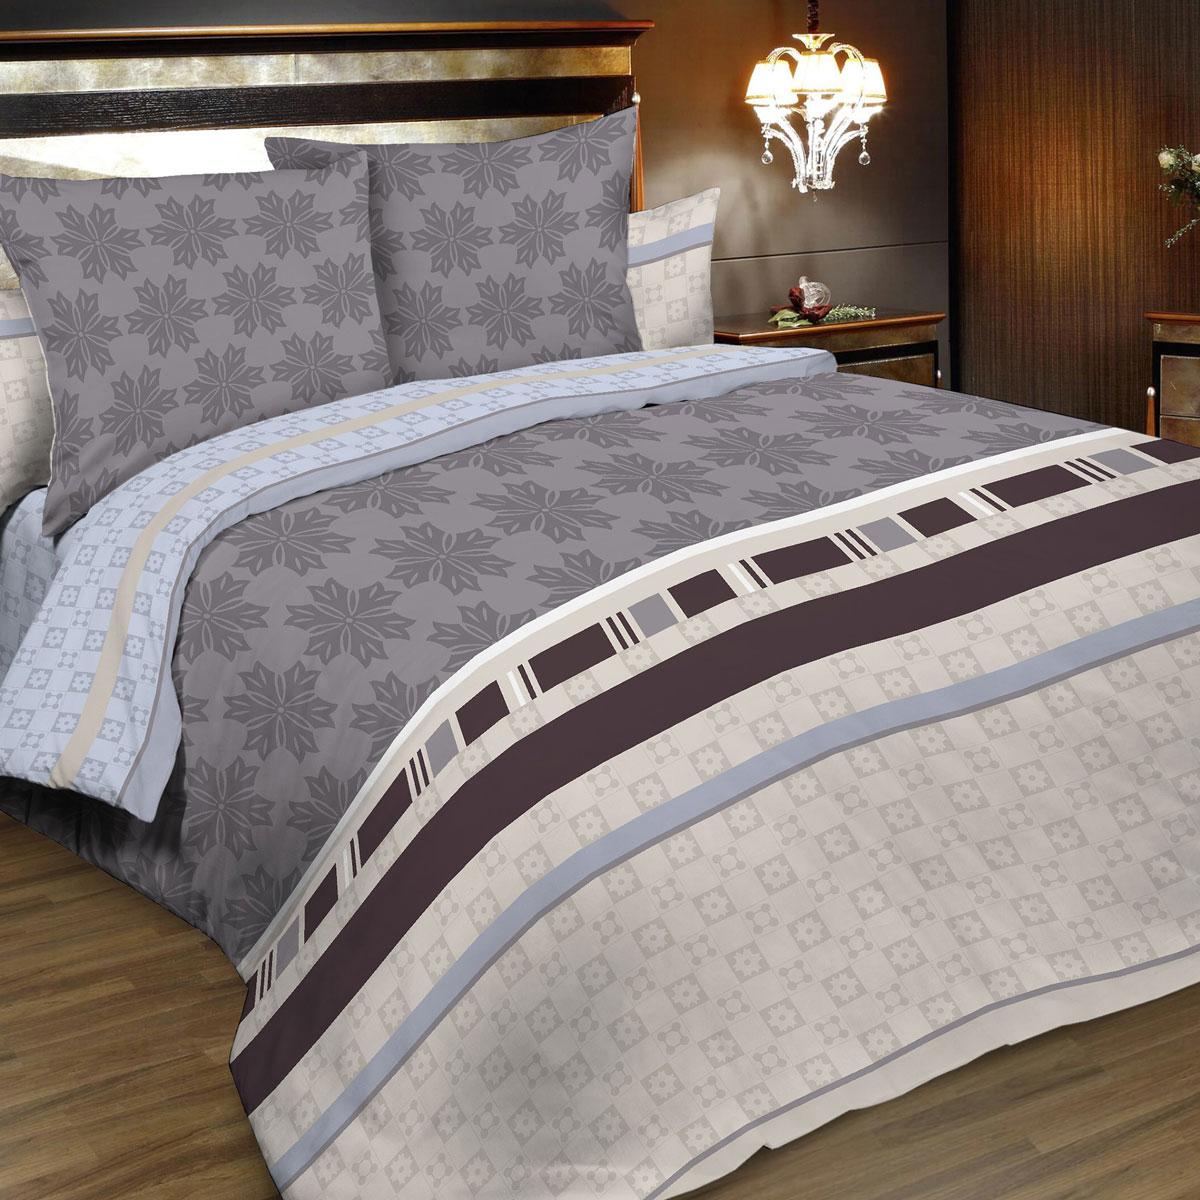 Комплект белья Letto, 1,5-спальный, наволочки 70х70. B180-3B180-3Комплект постельного белья Letto выполнен из классической российской бязи (хлопка). Комплект состоит из пододеяльника, простыни и двух наволочек. Постельное белье, оформленное оригинальным рисунком, имеет изысканный внешний вид. Пододеяльник снабжен молнией. Благодаря такому комплекту постельного белья вы сможете создать атмосферу роскоши и романтики в вашей спальне. Уважаемые клиенты! Обращаем ваше внимание на тот факт, что расцветка наволочек может отличаться от представленной на фото.